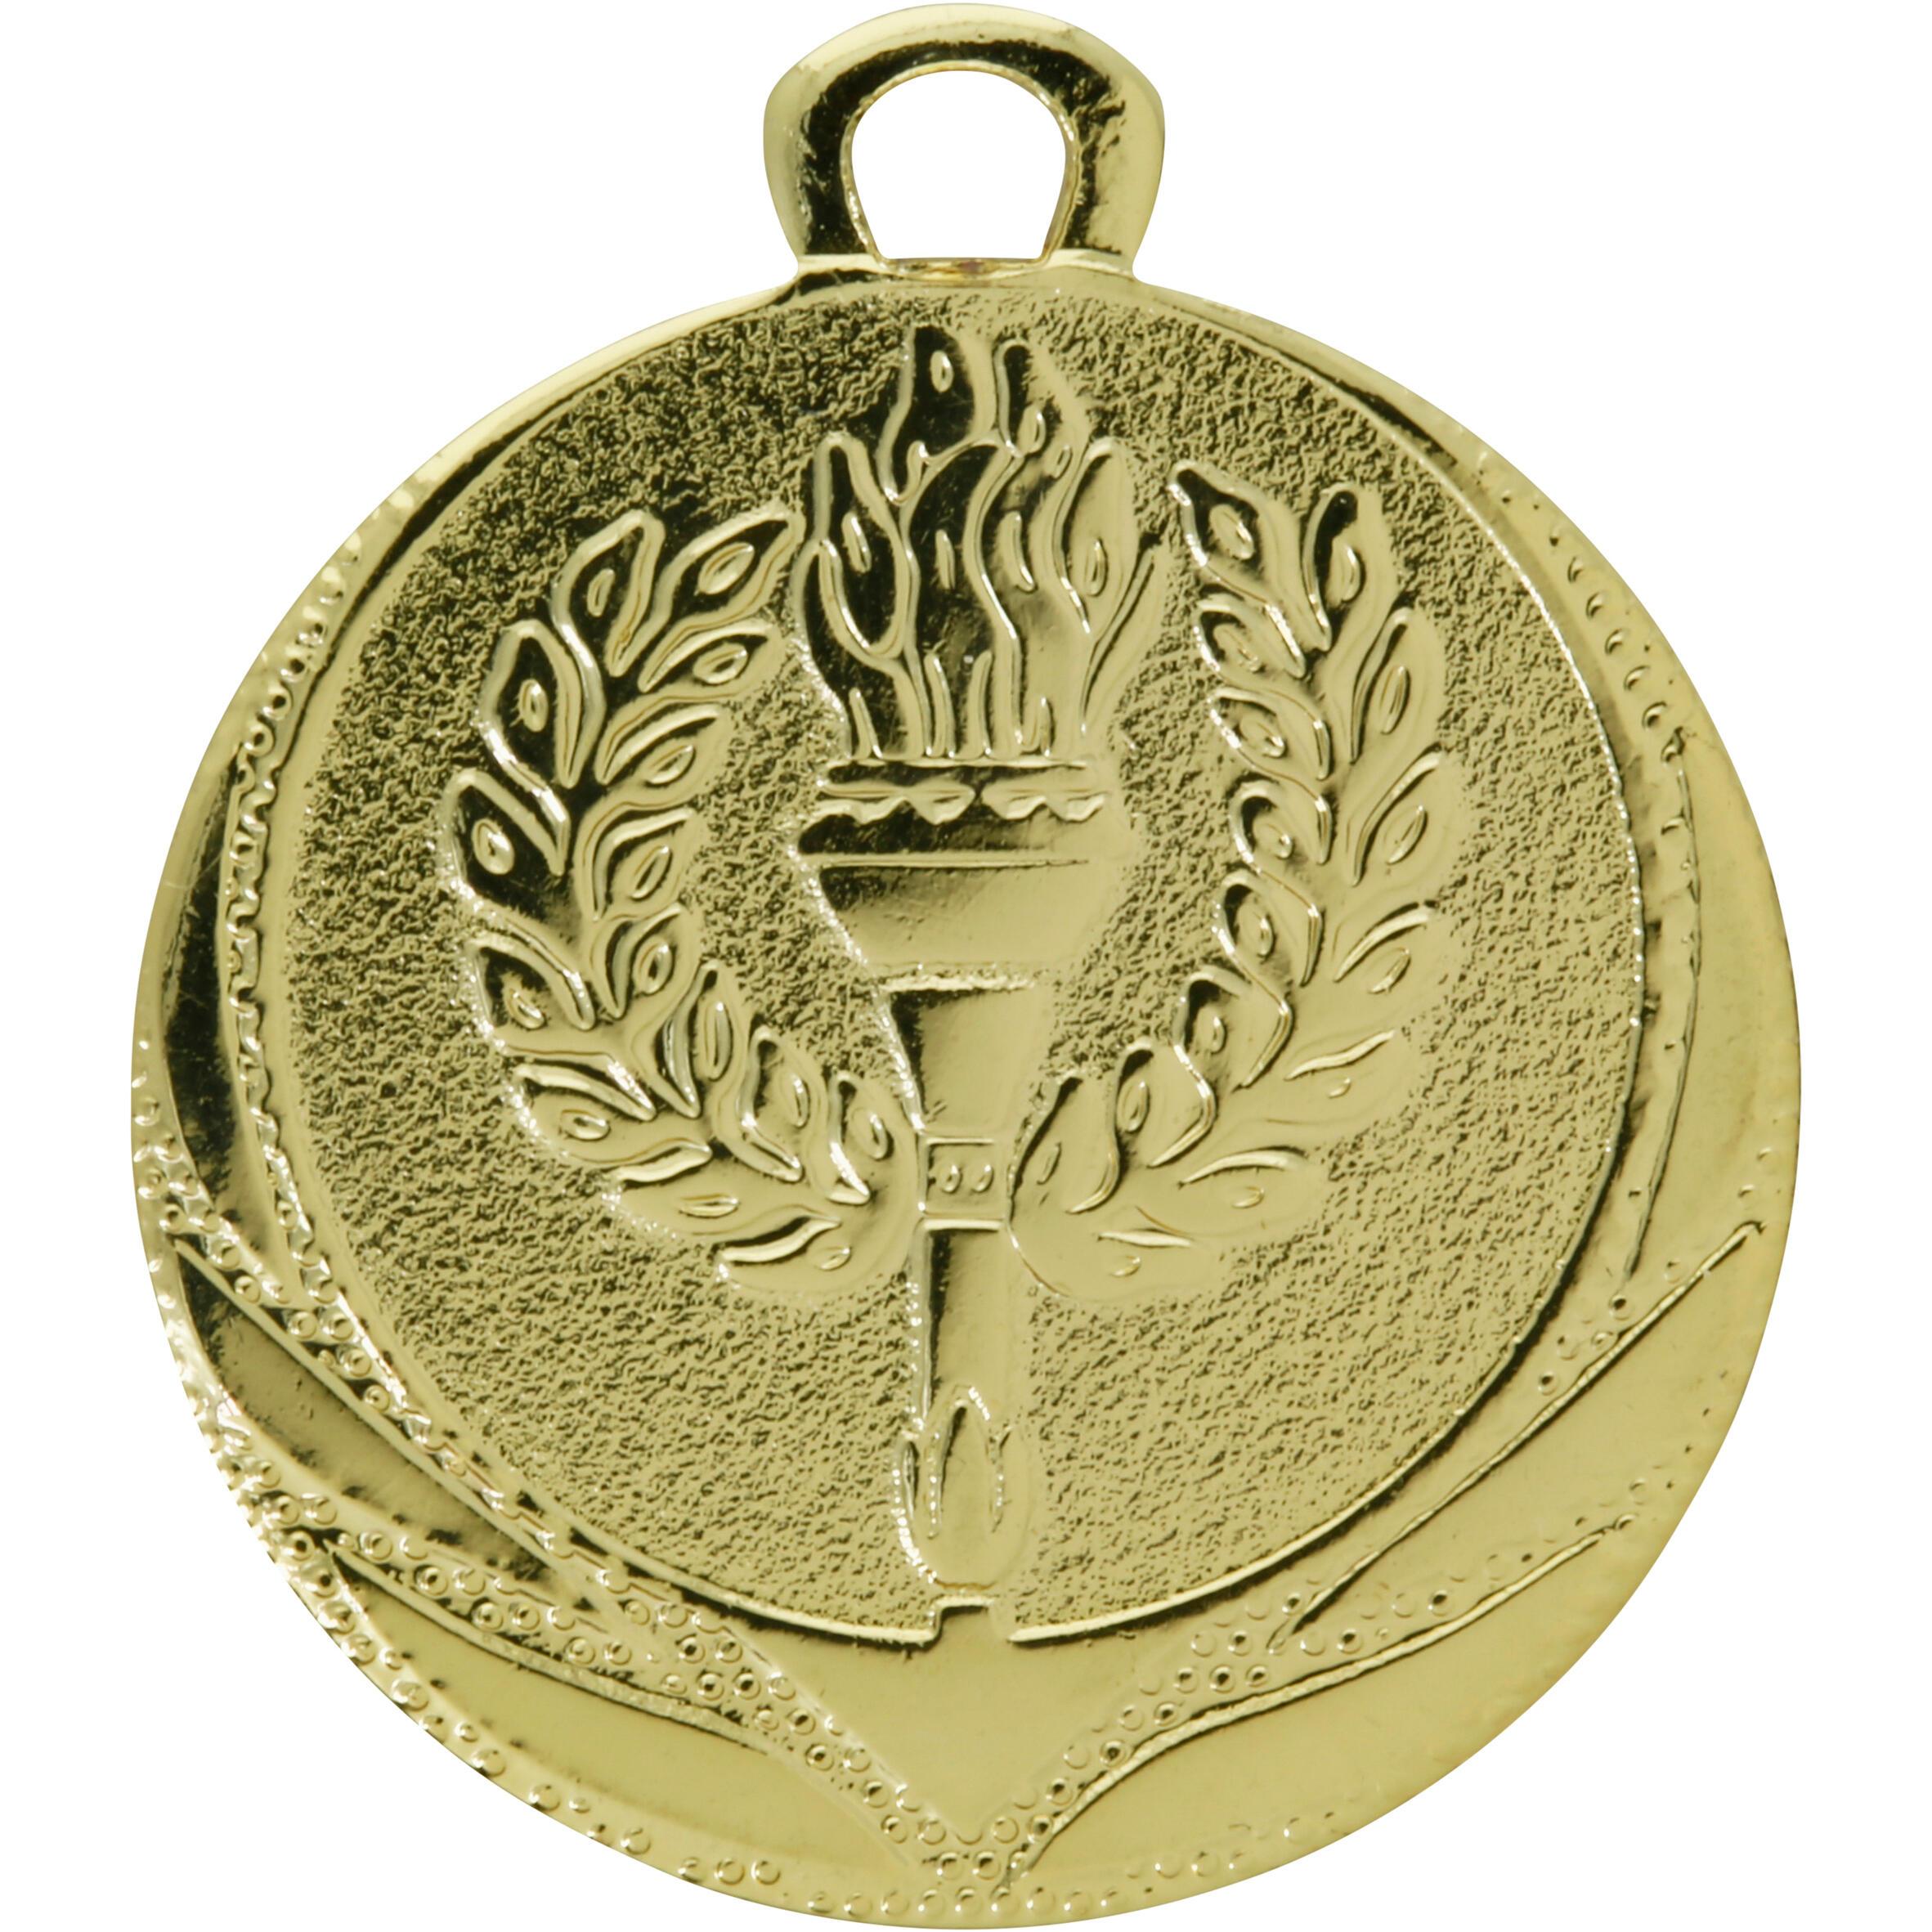 Workshop Gouden medaille 32 mm kopen? Sport accessoires met voordeel vind je hier